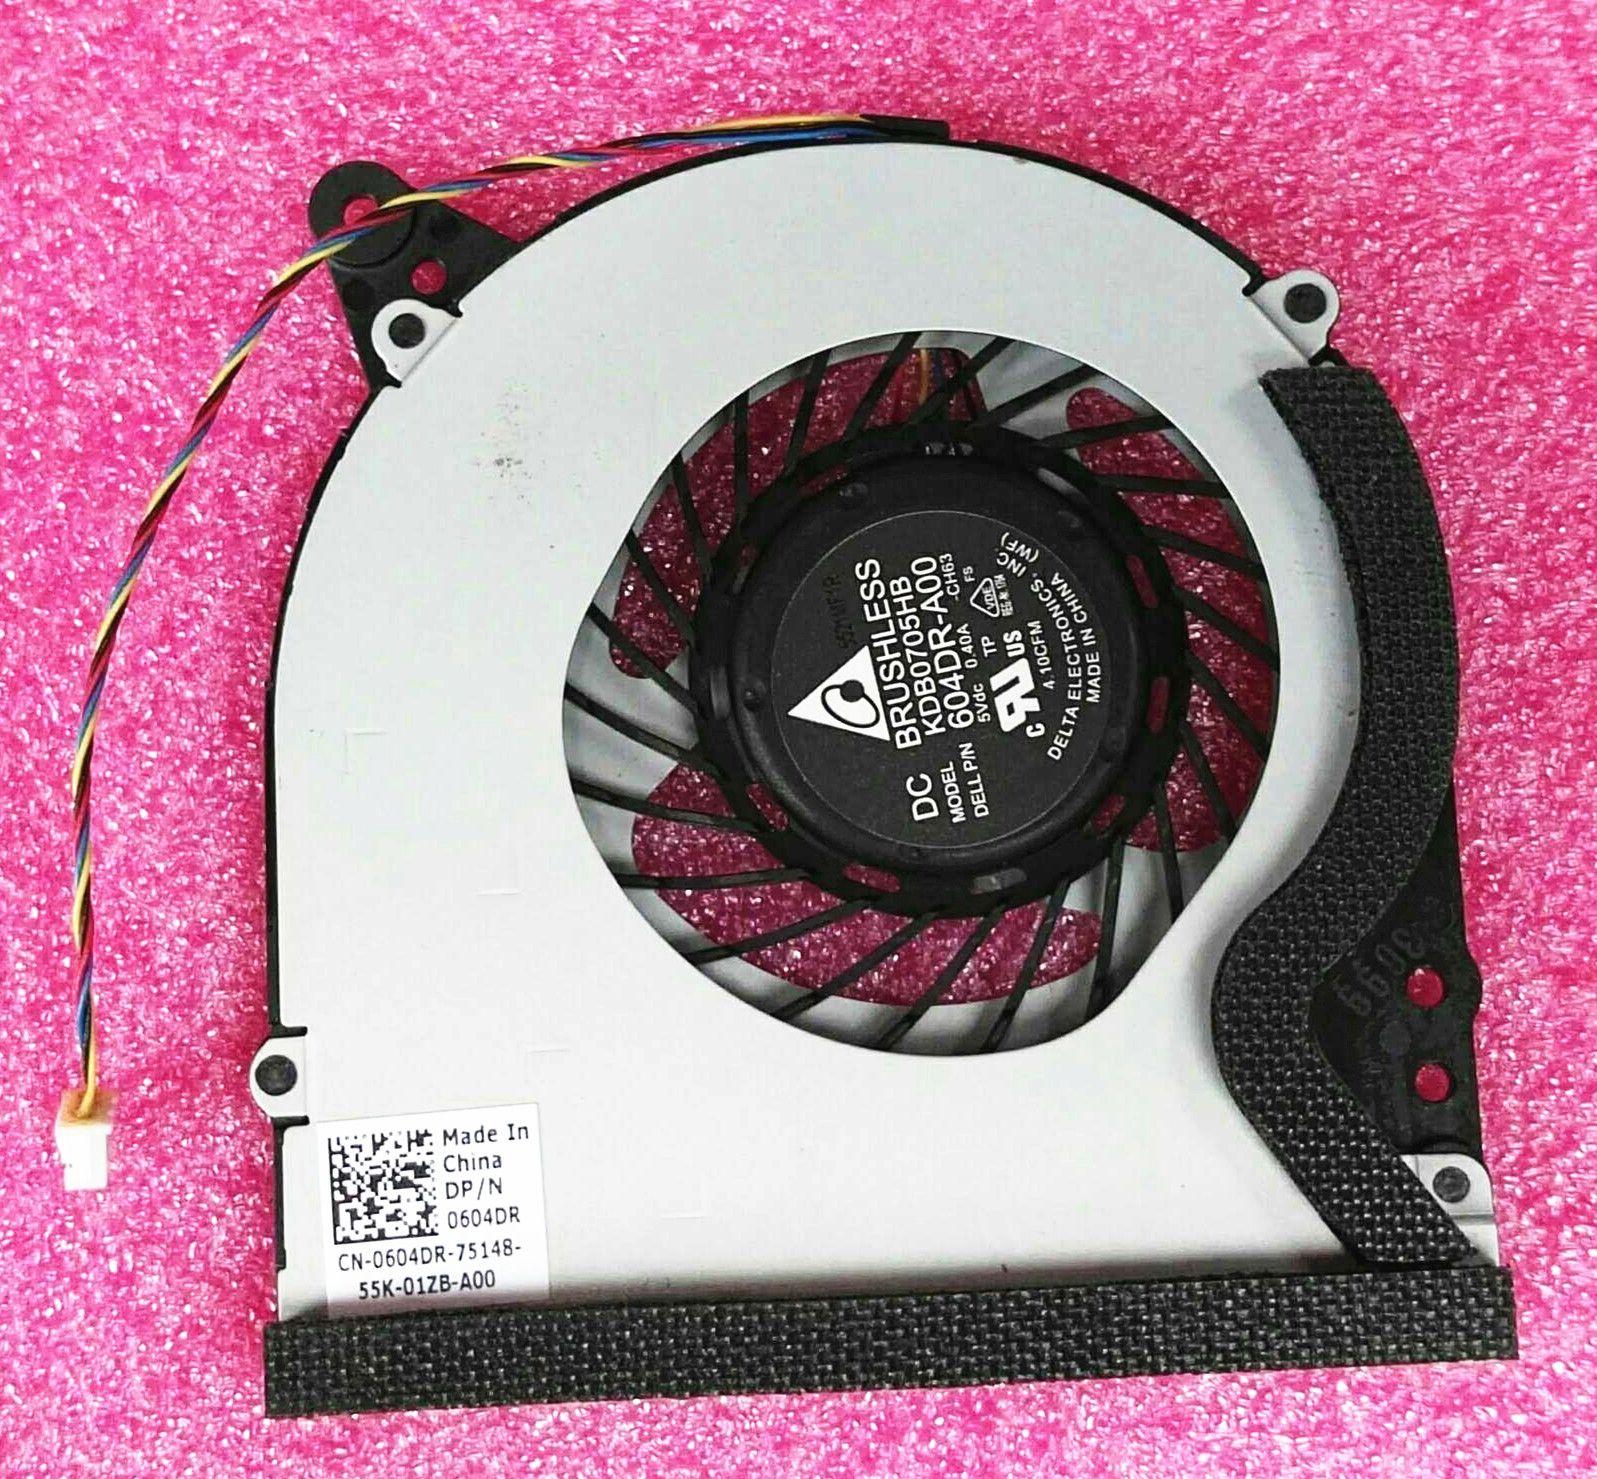 Nuovo ventilatore del CPU del PC Cooler per notebook per Dell XPS18 (1810) 0604DR 604dr-A00 kdb0705hb-CH63